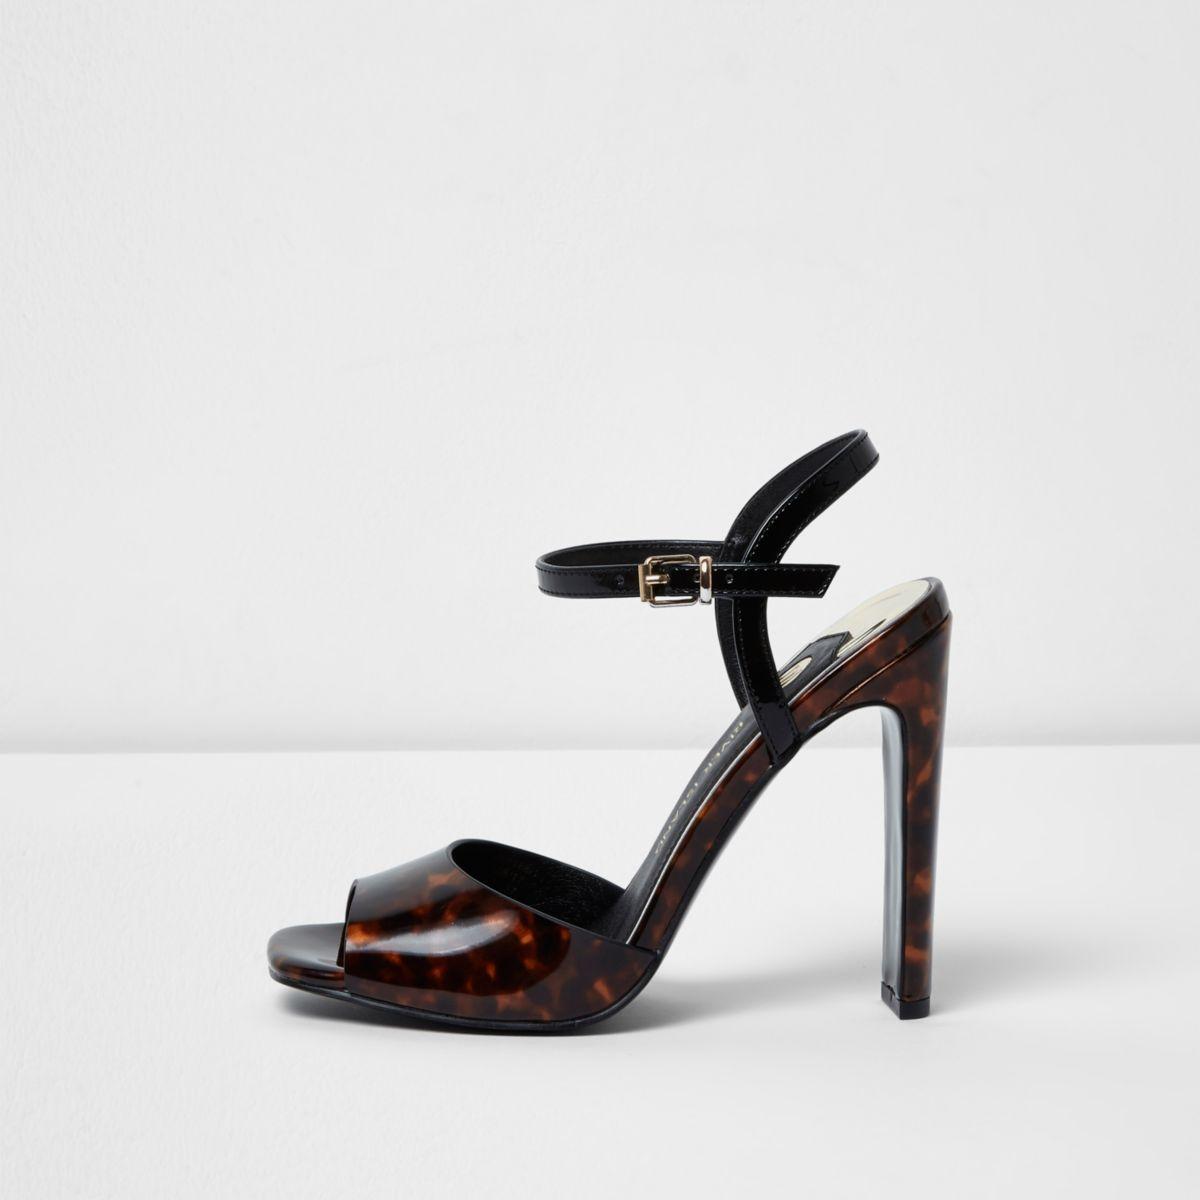 Brown tortoiseshell peep toe heeled sandals